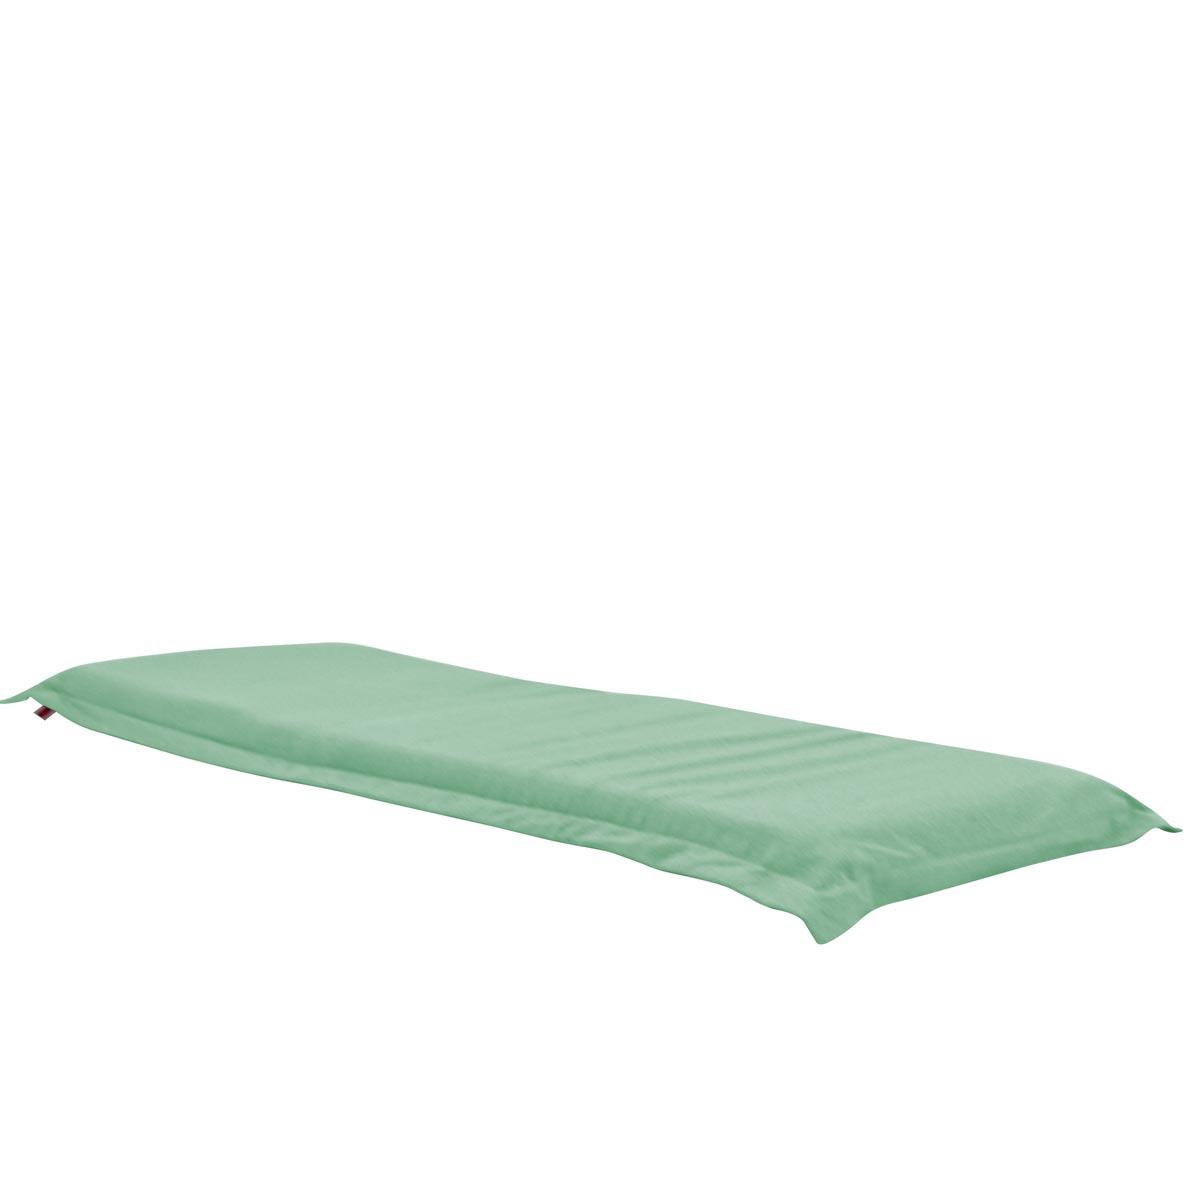 Pufe ClicClac Uno Lounge Tecido Ecolona Verde Menta 02 01